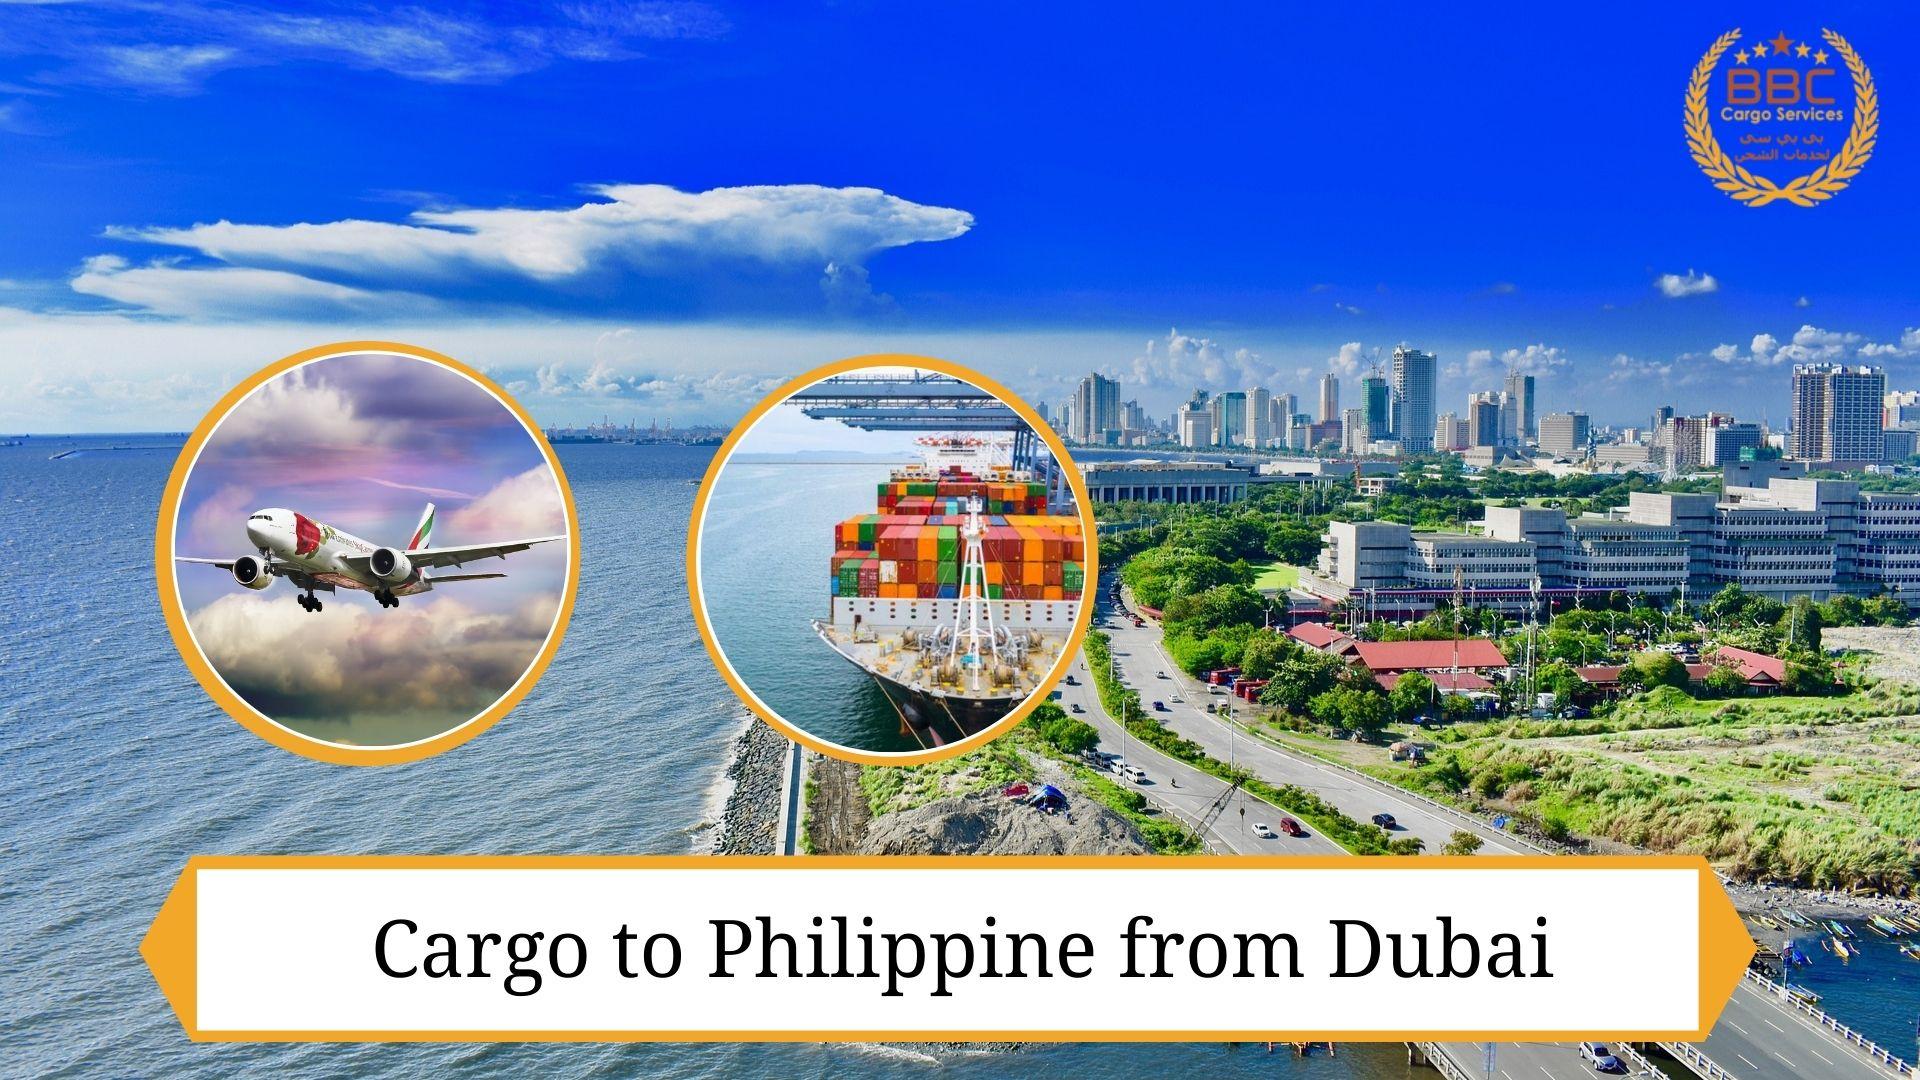 Cargo to Philippine